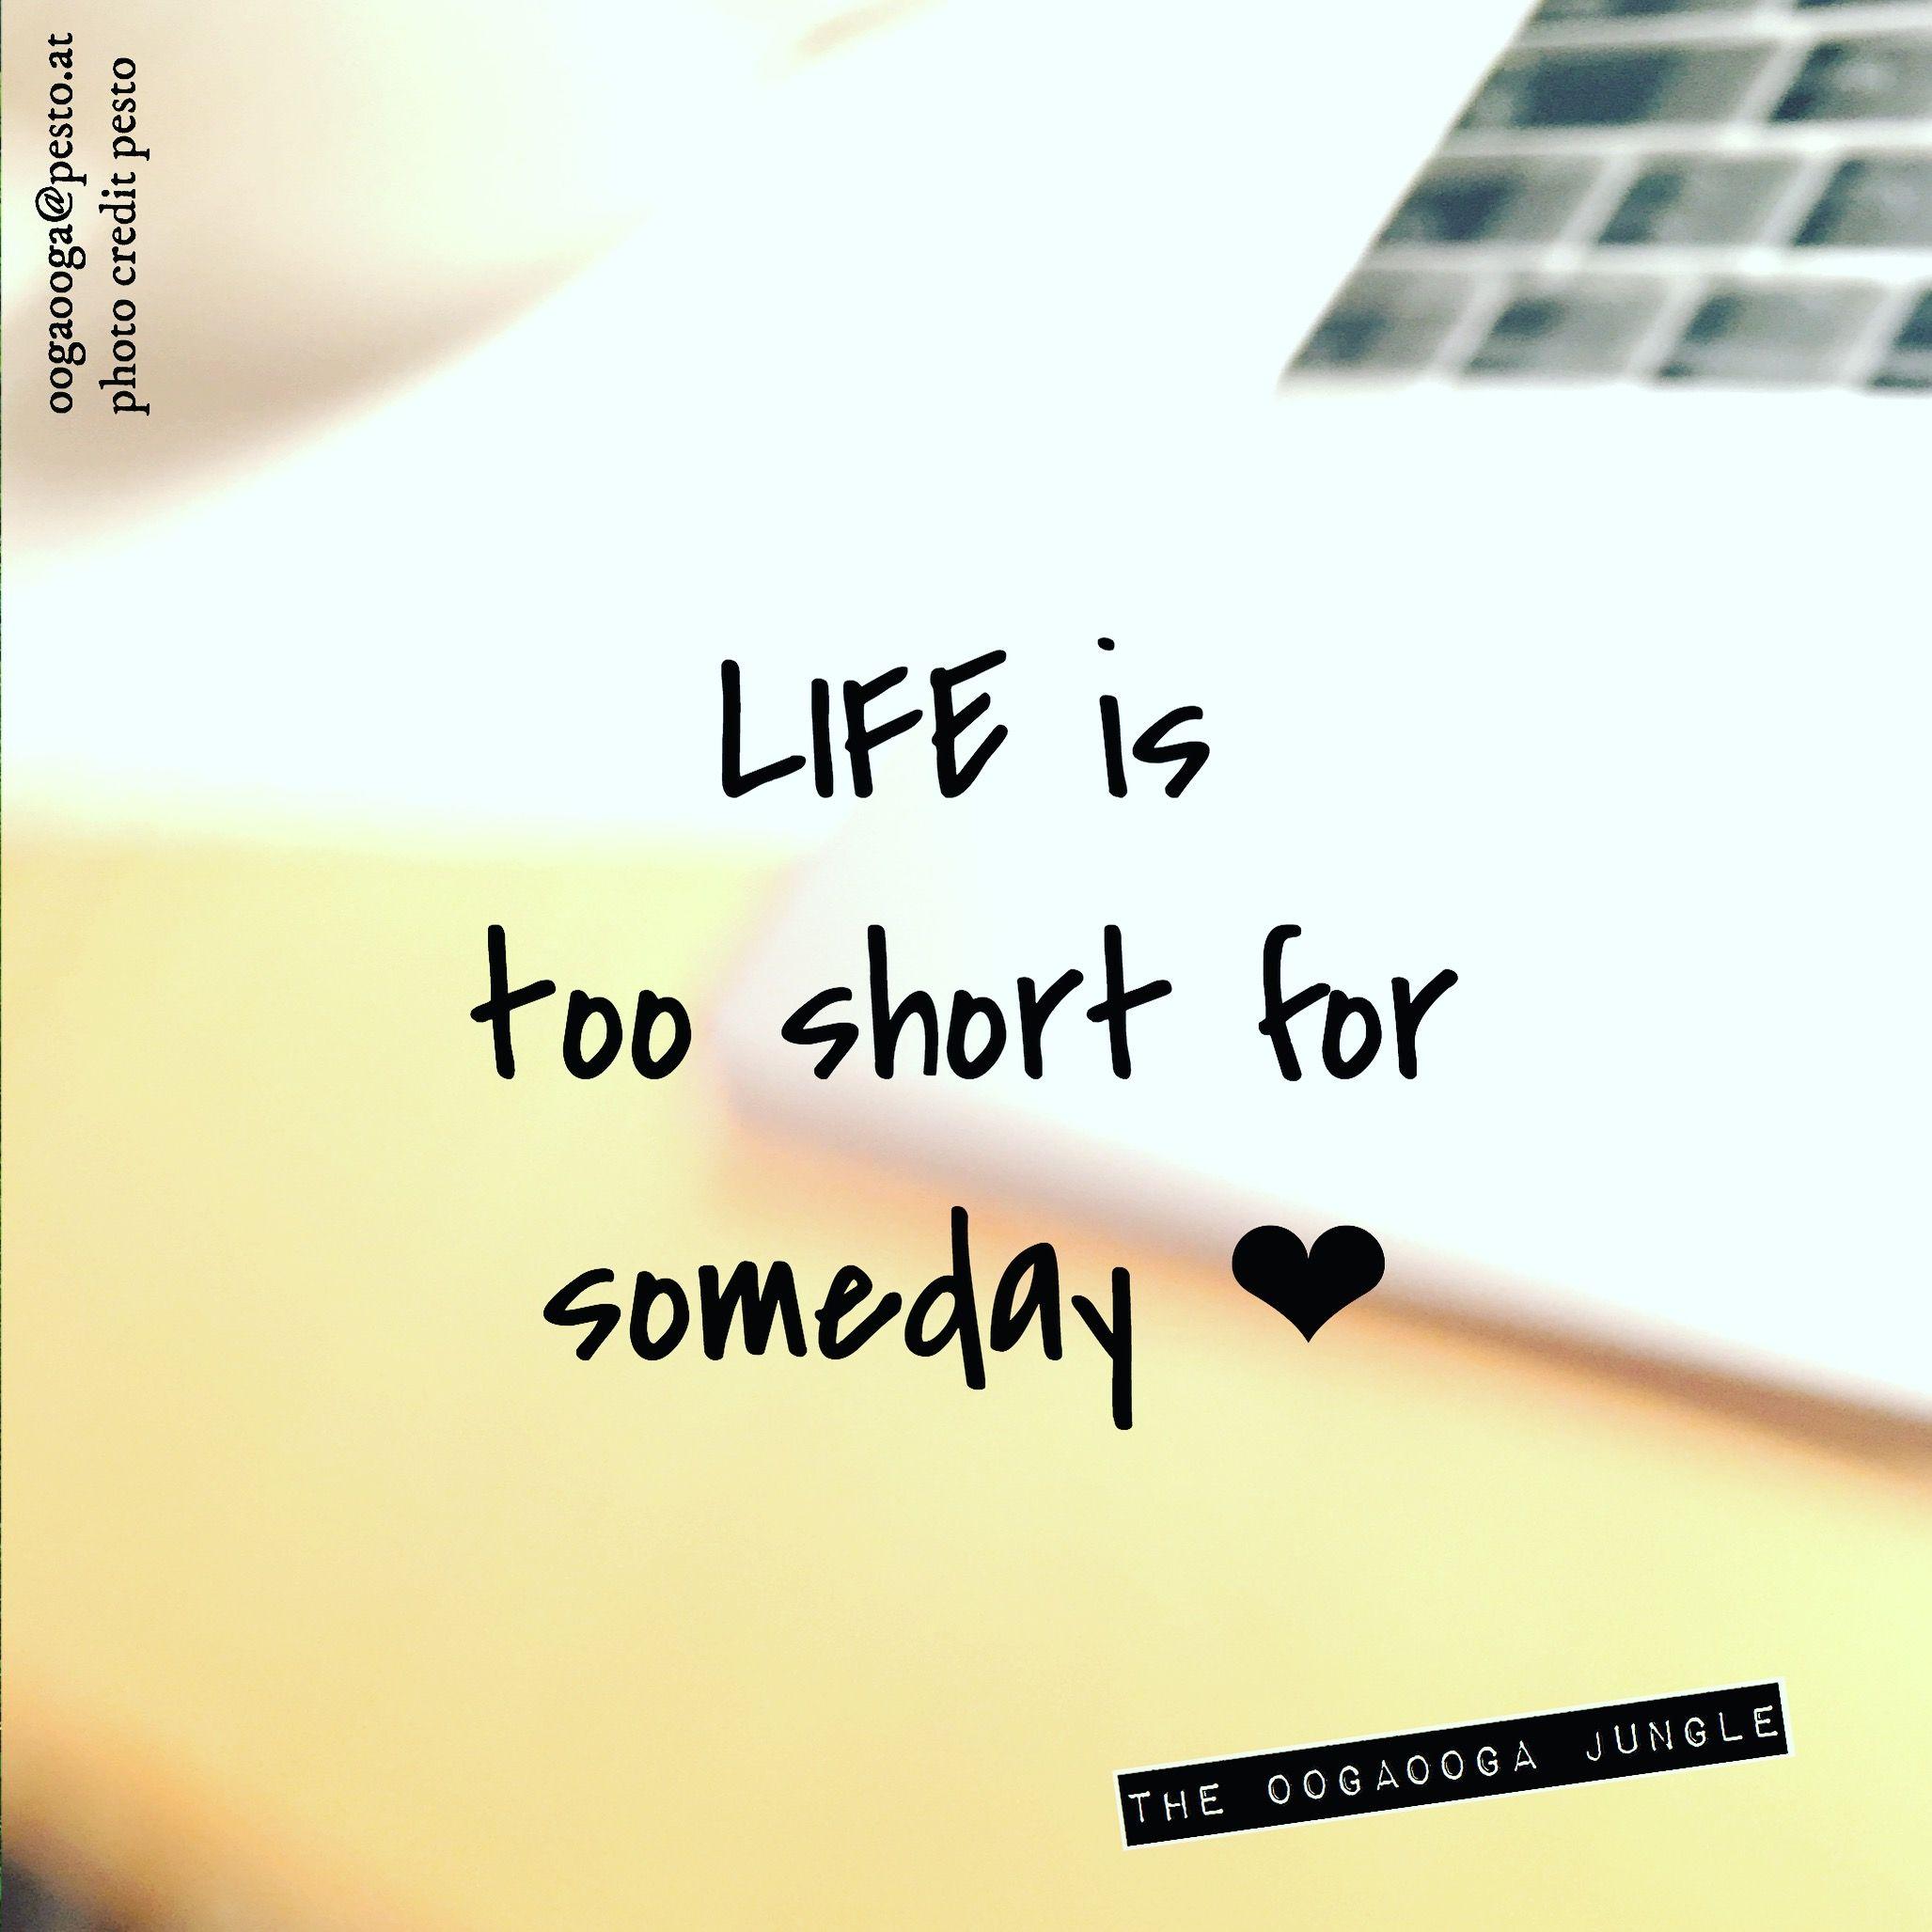 0976fbe52249 Life is too short for someday. Das Leben ist zu kurz für irgendwann ...